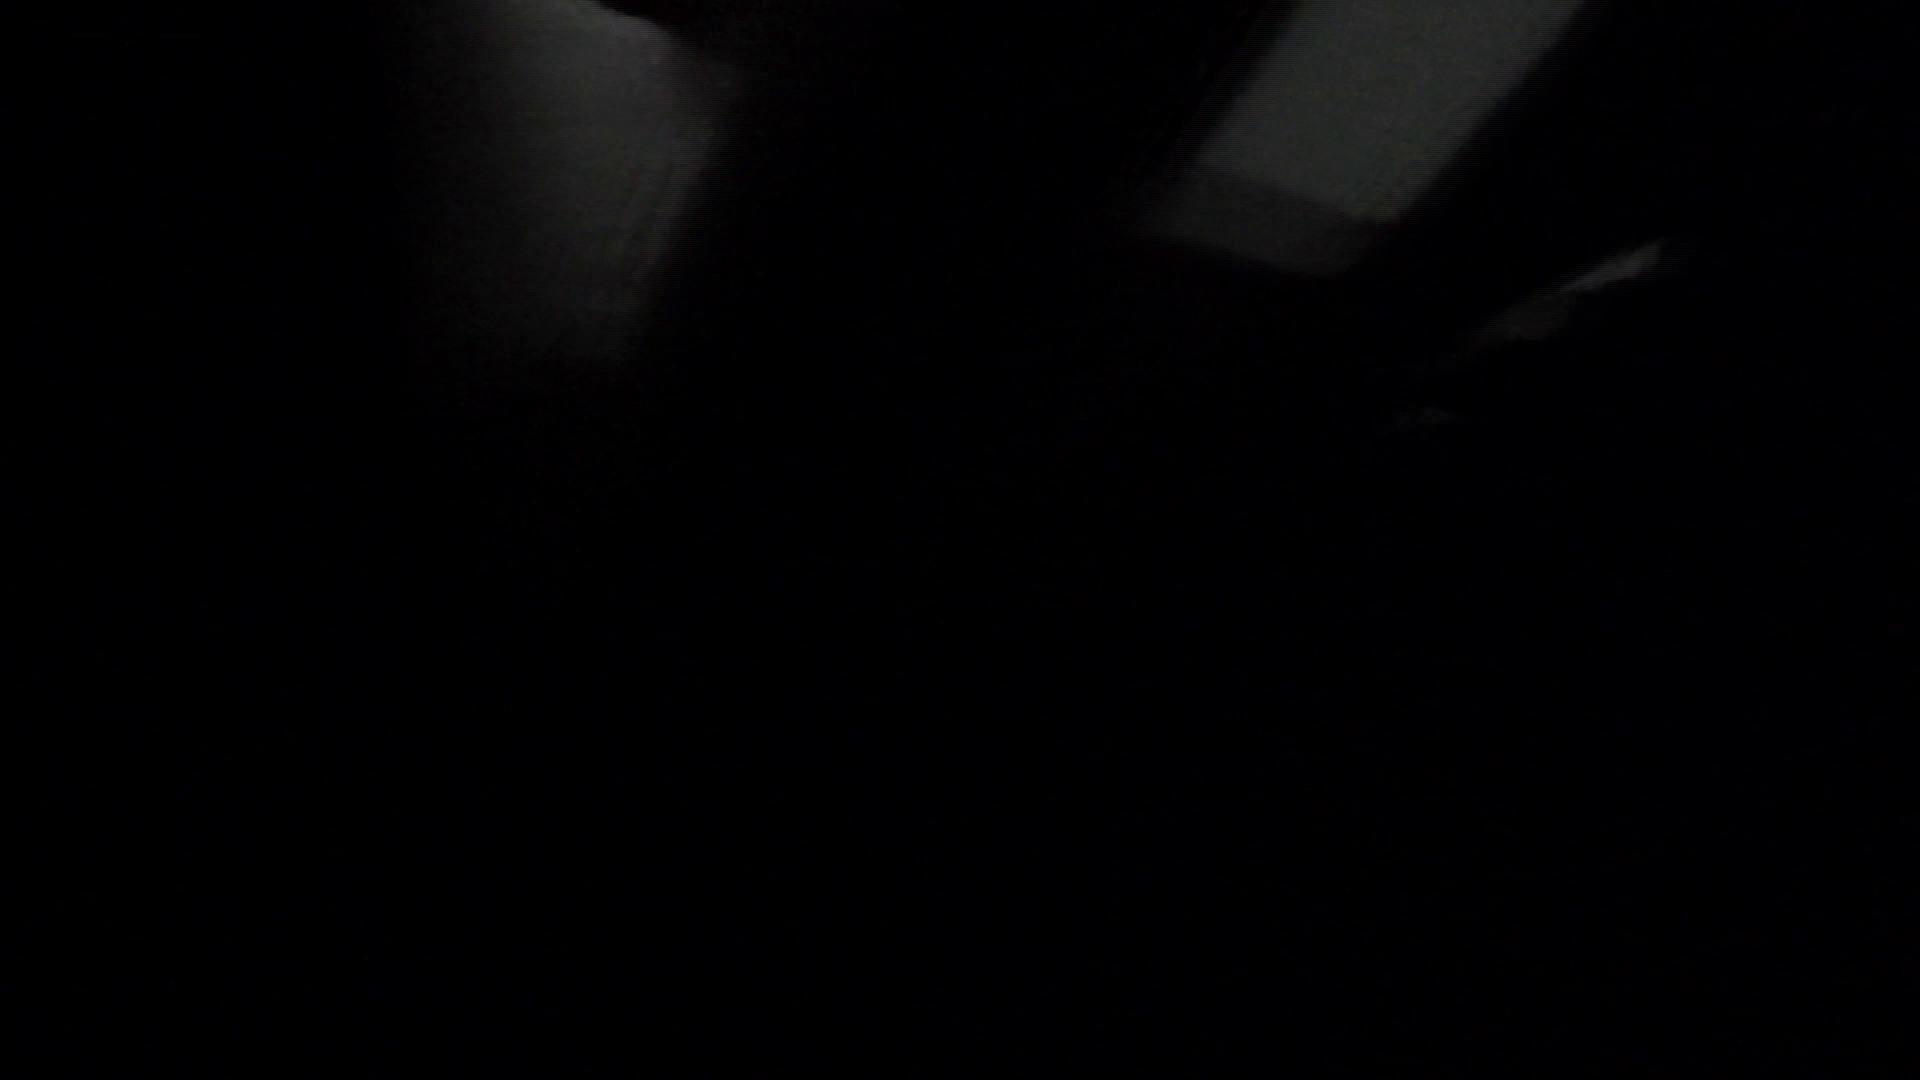 ヒトニアラヅNo.01 侵入 高画質 濡れ場動画紹介 68画像 46